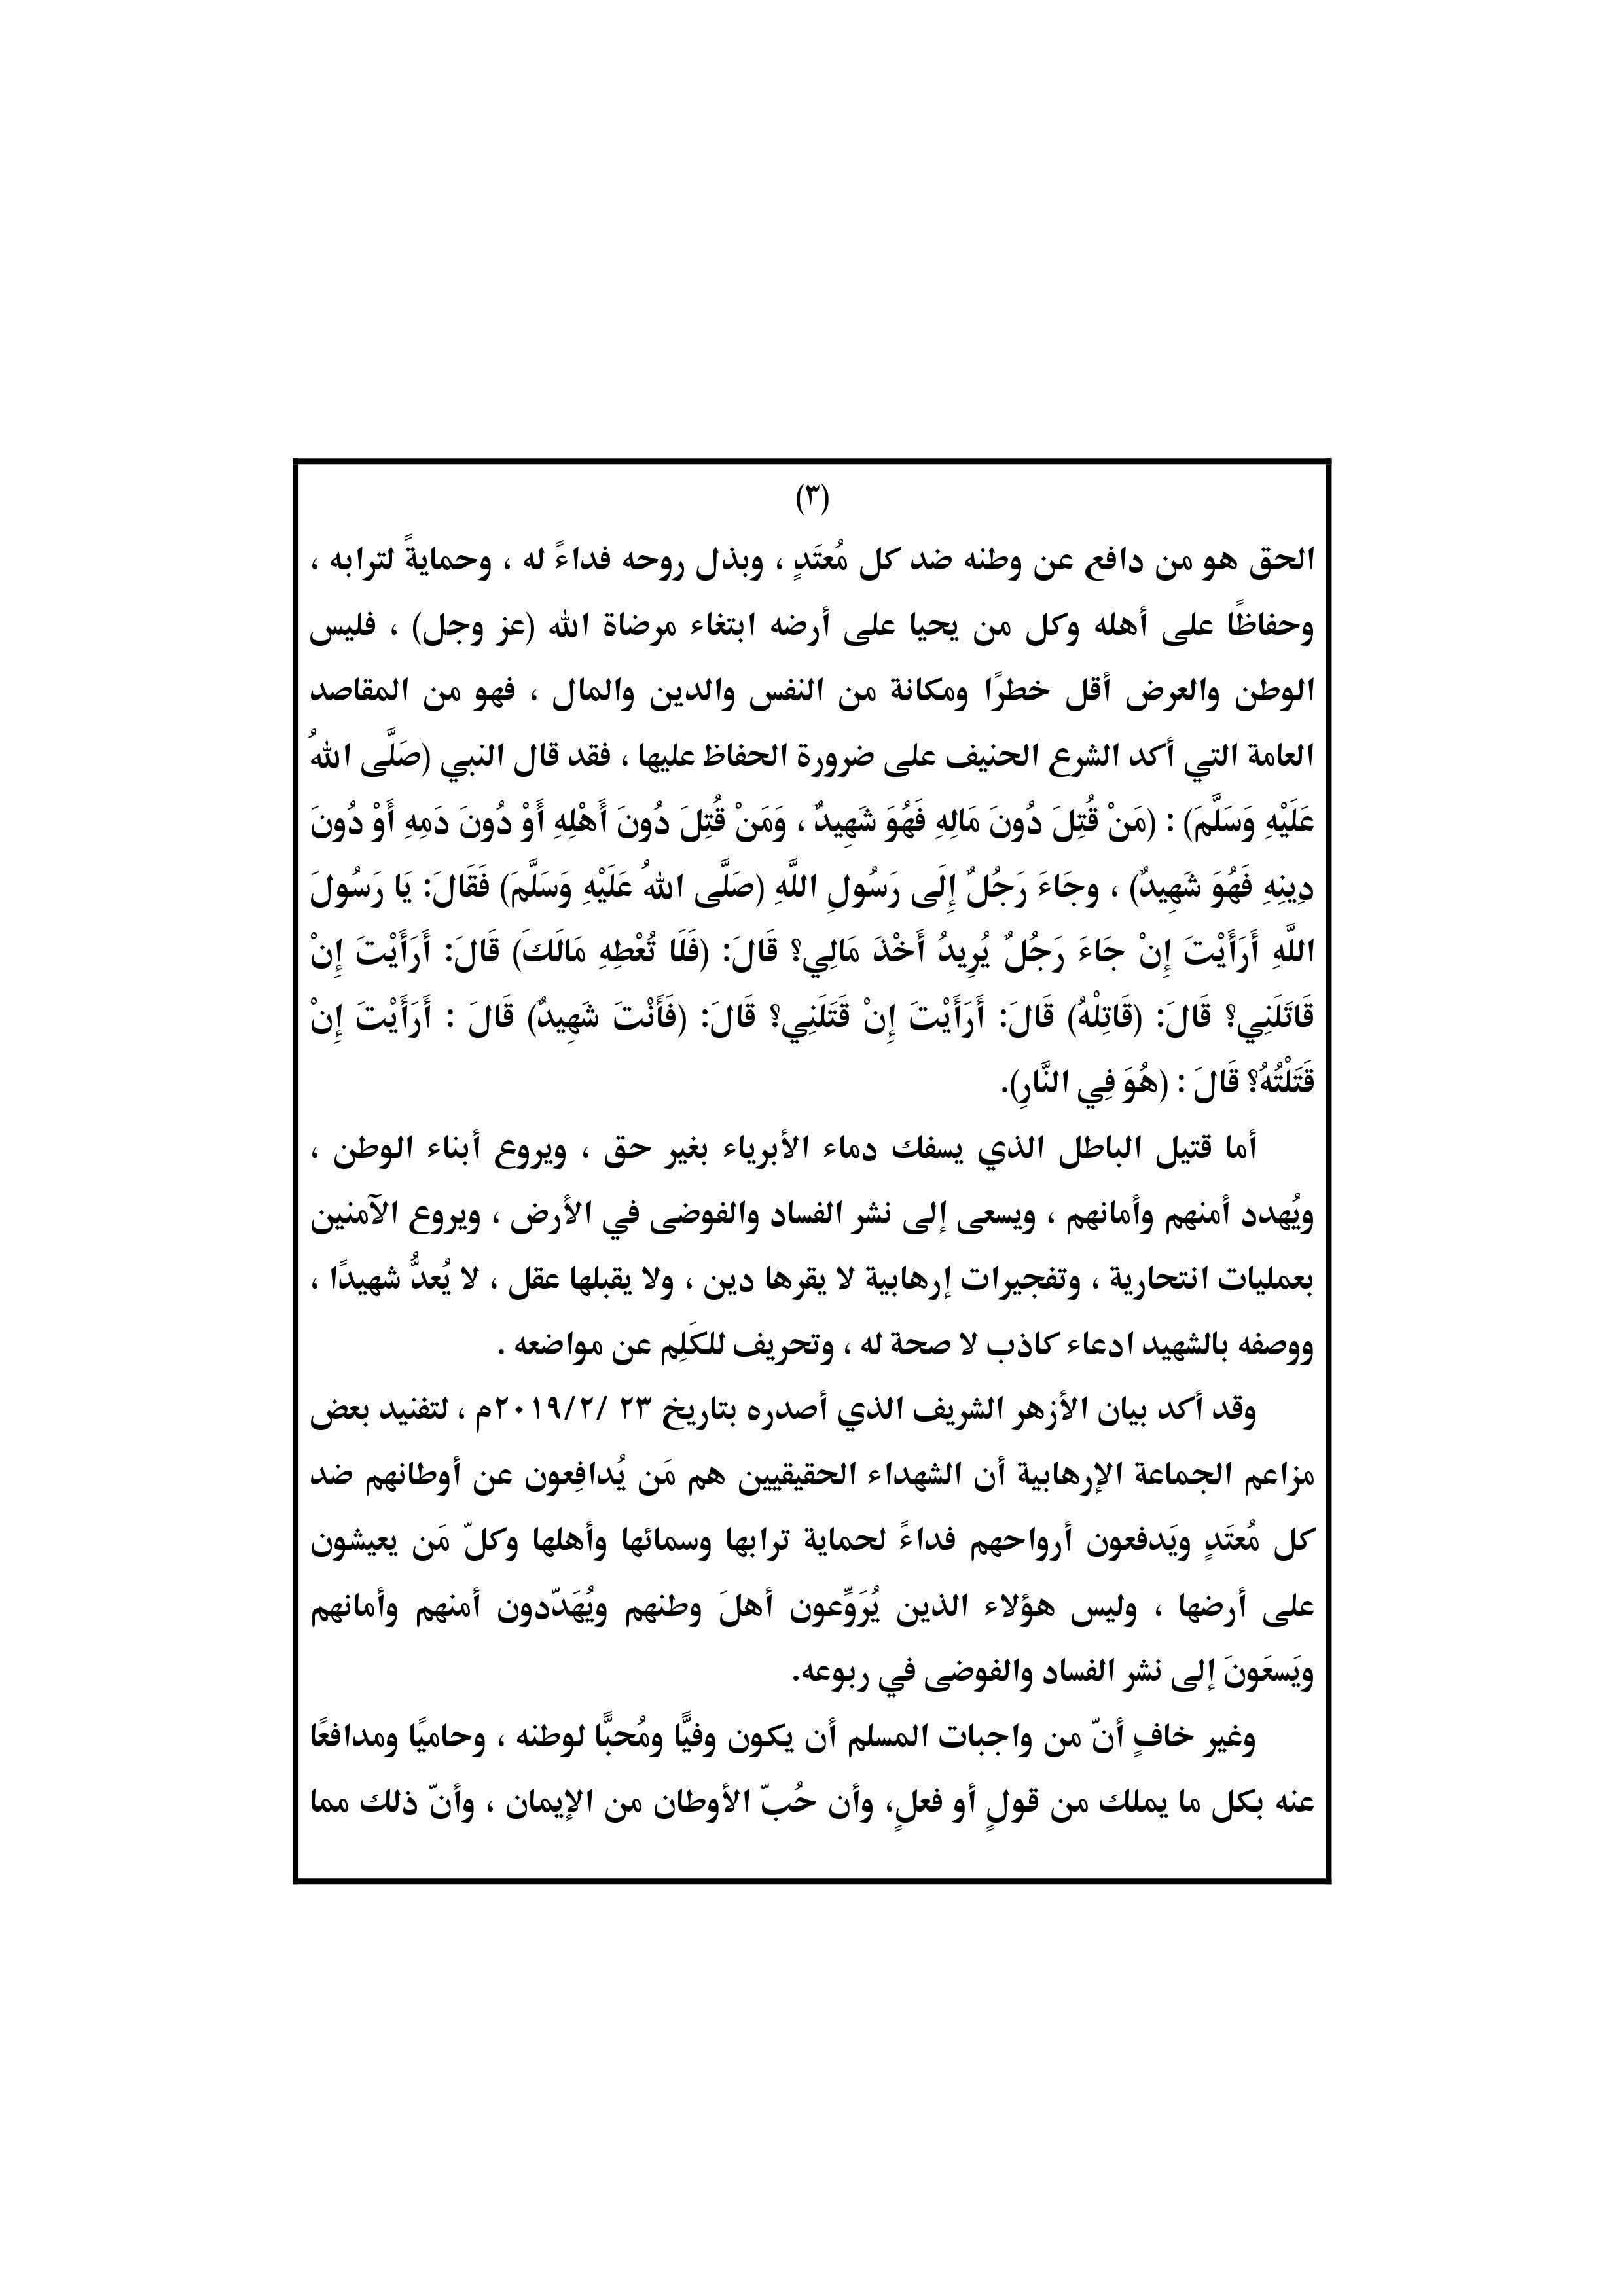 الشهادة في سبيل الله، يوم الشهيد، الشهداء، خطبة الجمعة القادمة 8 مارس 2019، خطبة الجمعة 8/3/2019